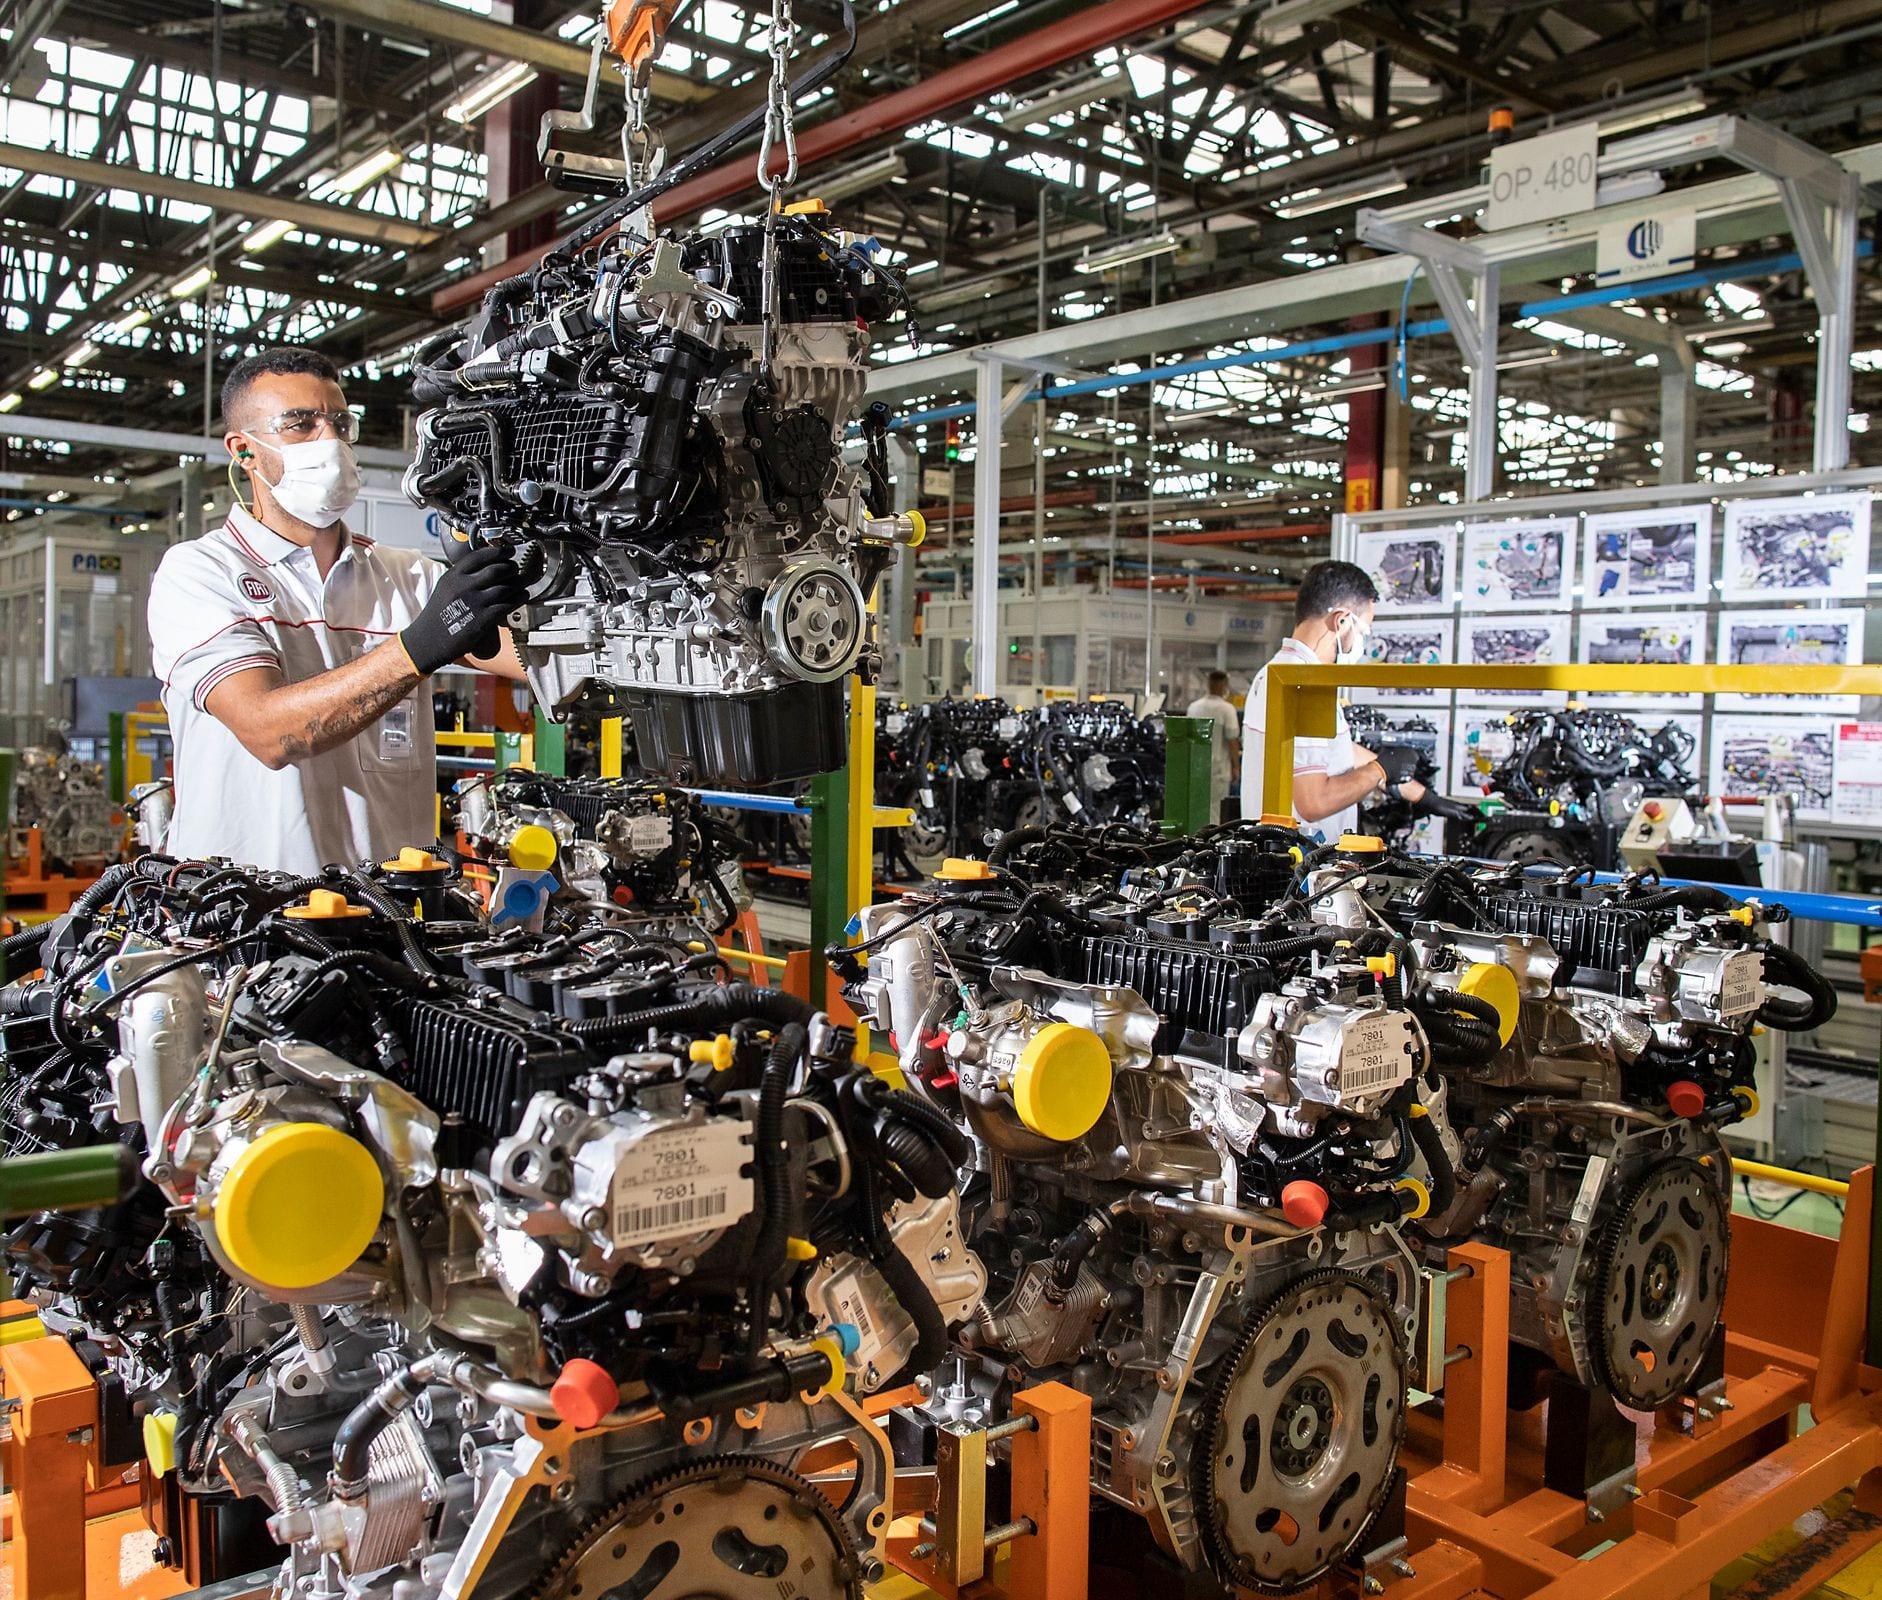 Planta da Stellantis em Betim pronta para produzir família global de motores turbo Ponta da linha Foto Leo Lara large